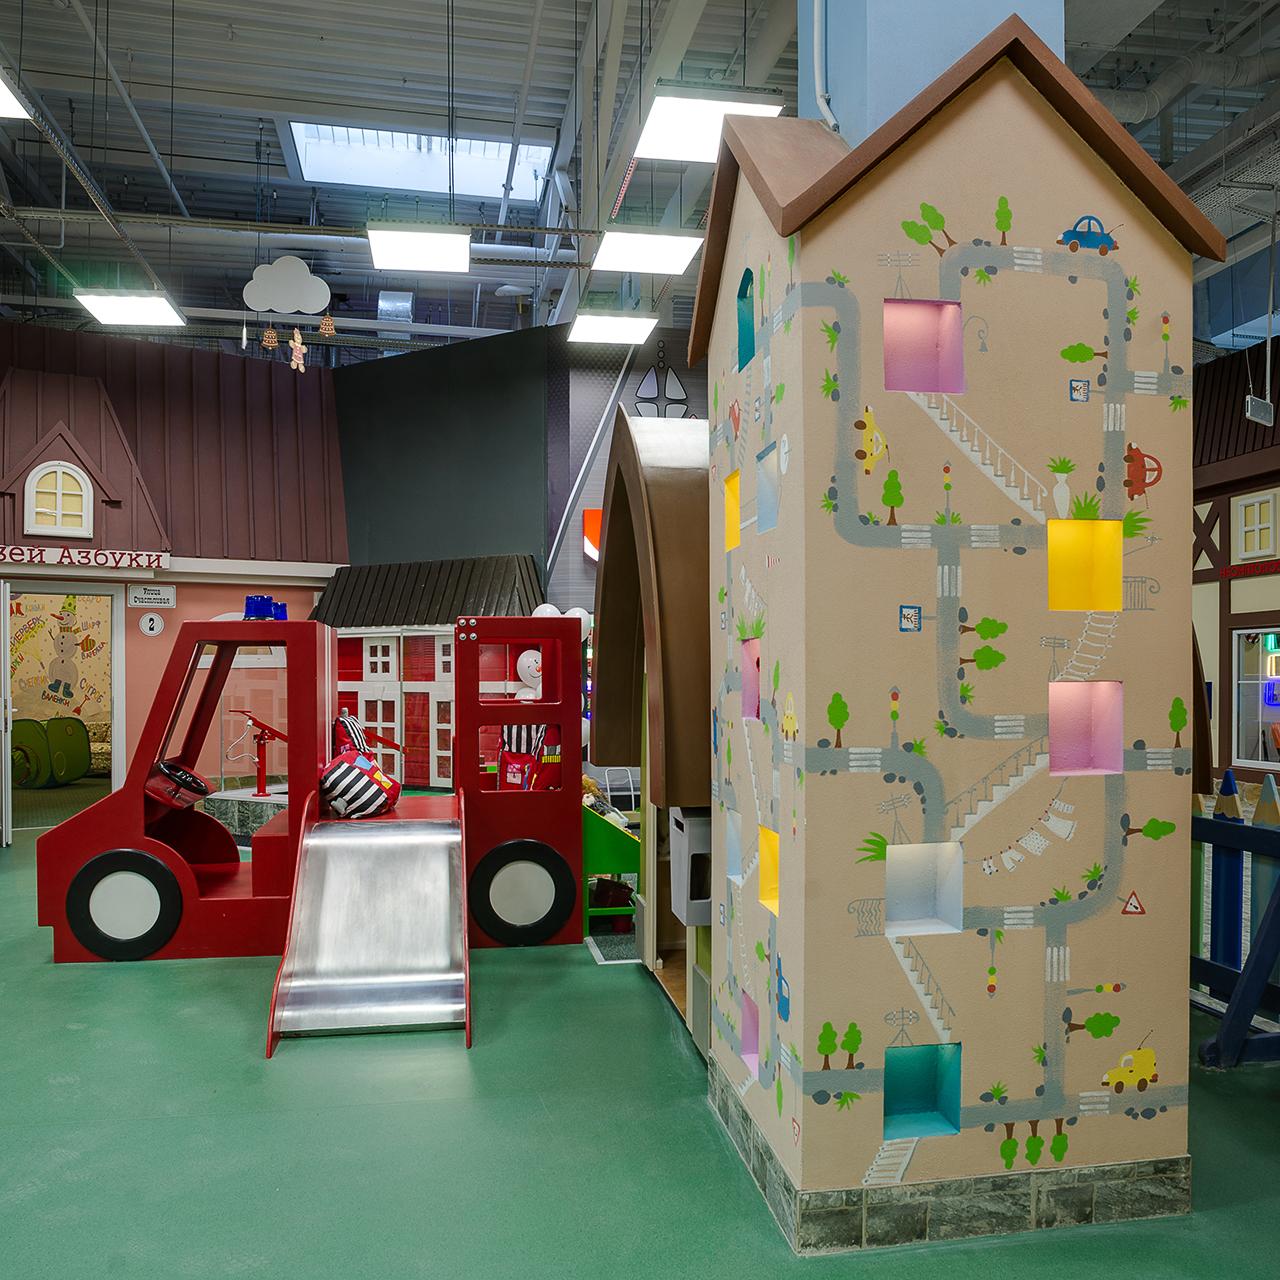 детские площадки и развлечения для семьи